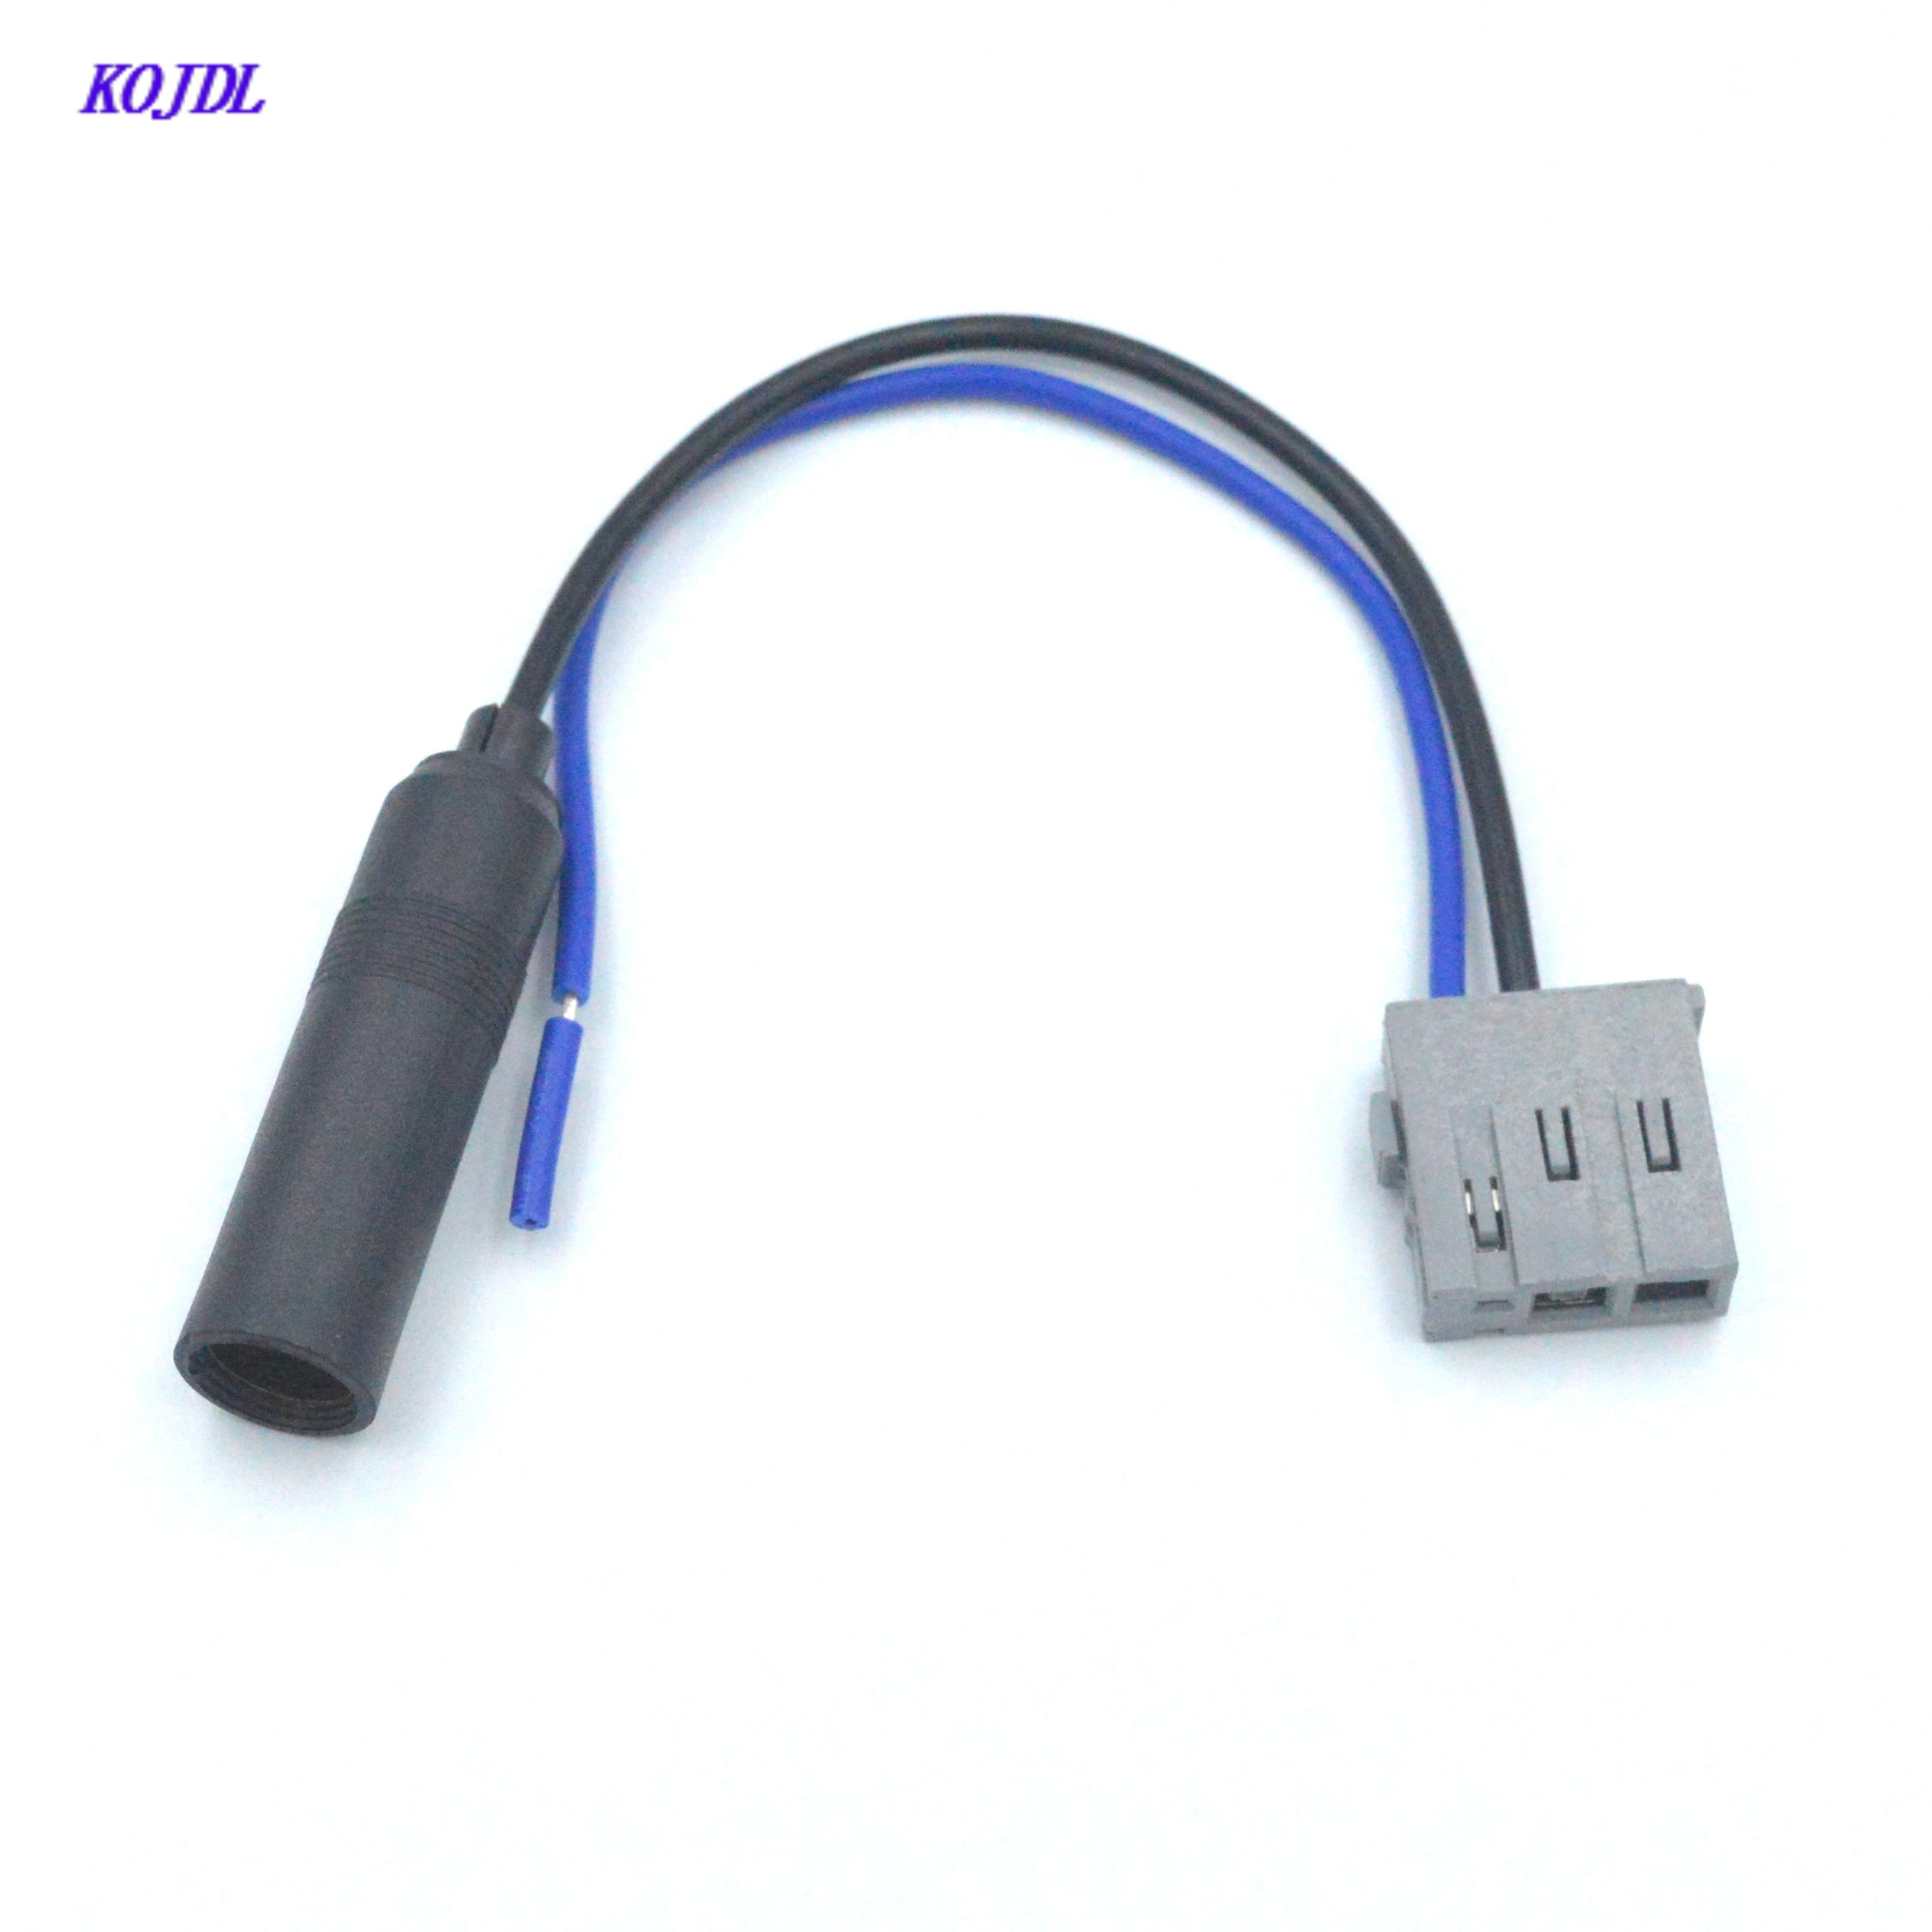 Автомобильный стерео аудио антенна установить радиоантенну антенный адаптер Comnector Подходит для Nissan мужской завод OEM обратный адаптер KOJDL